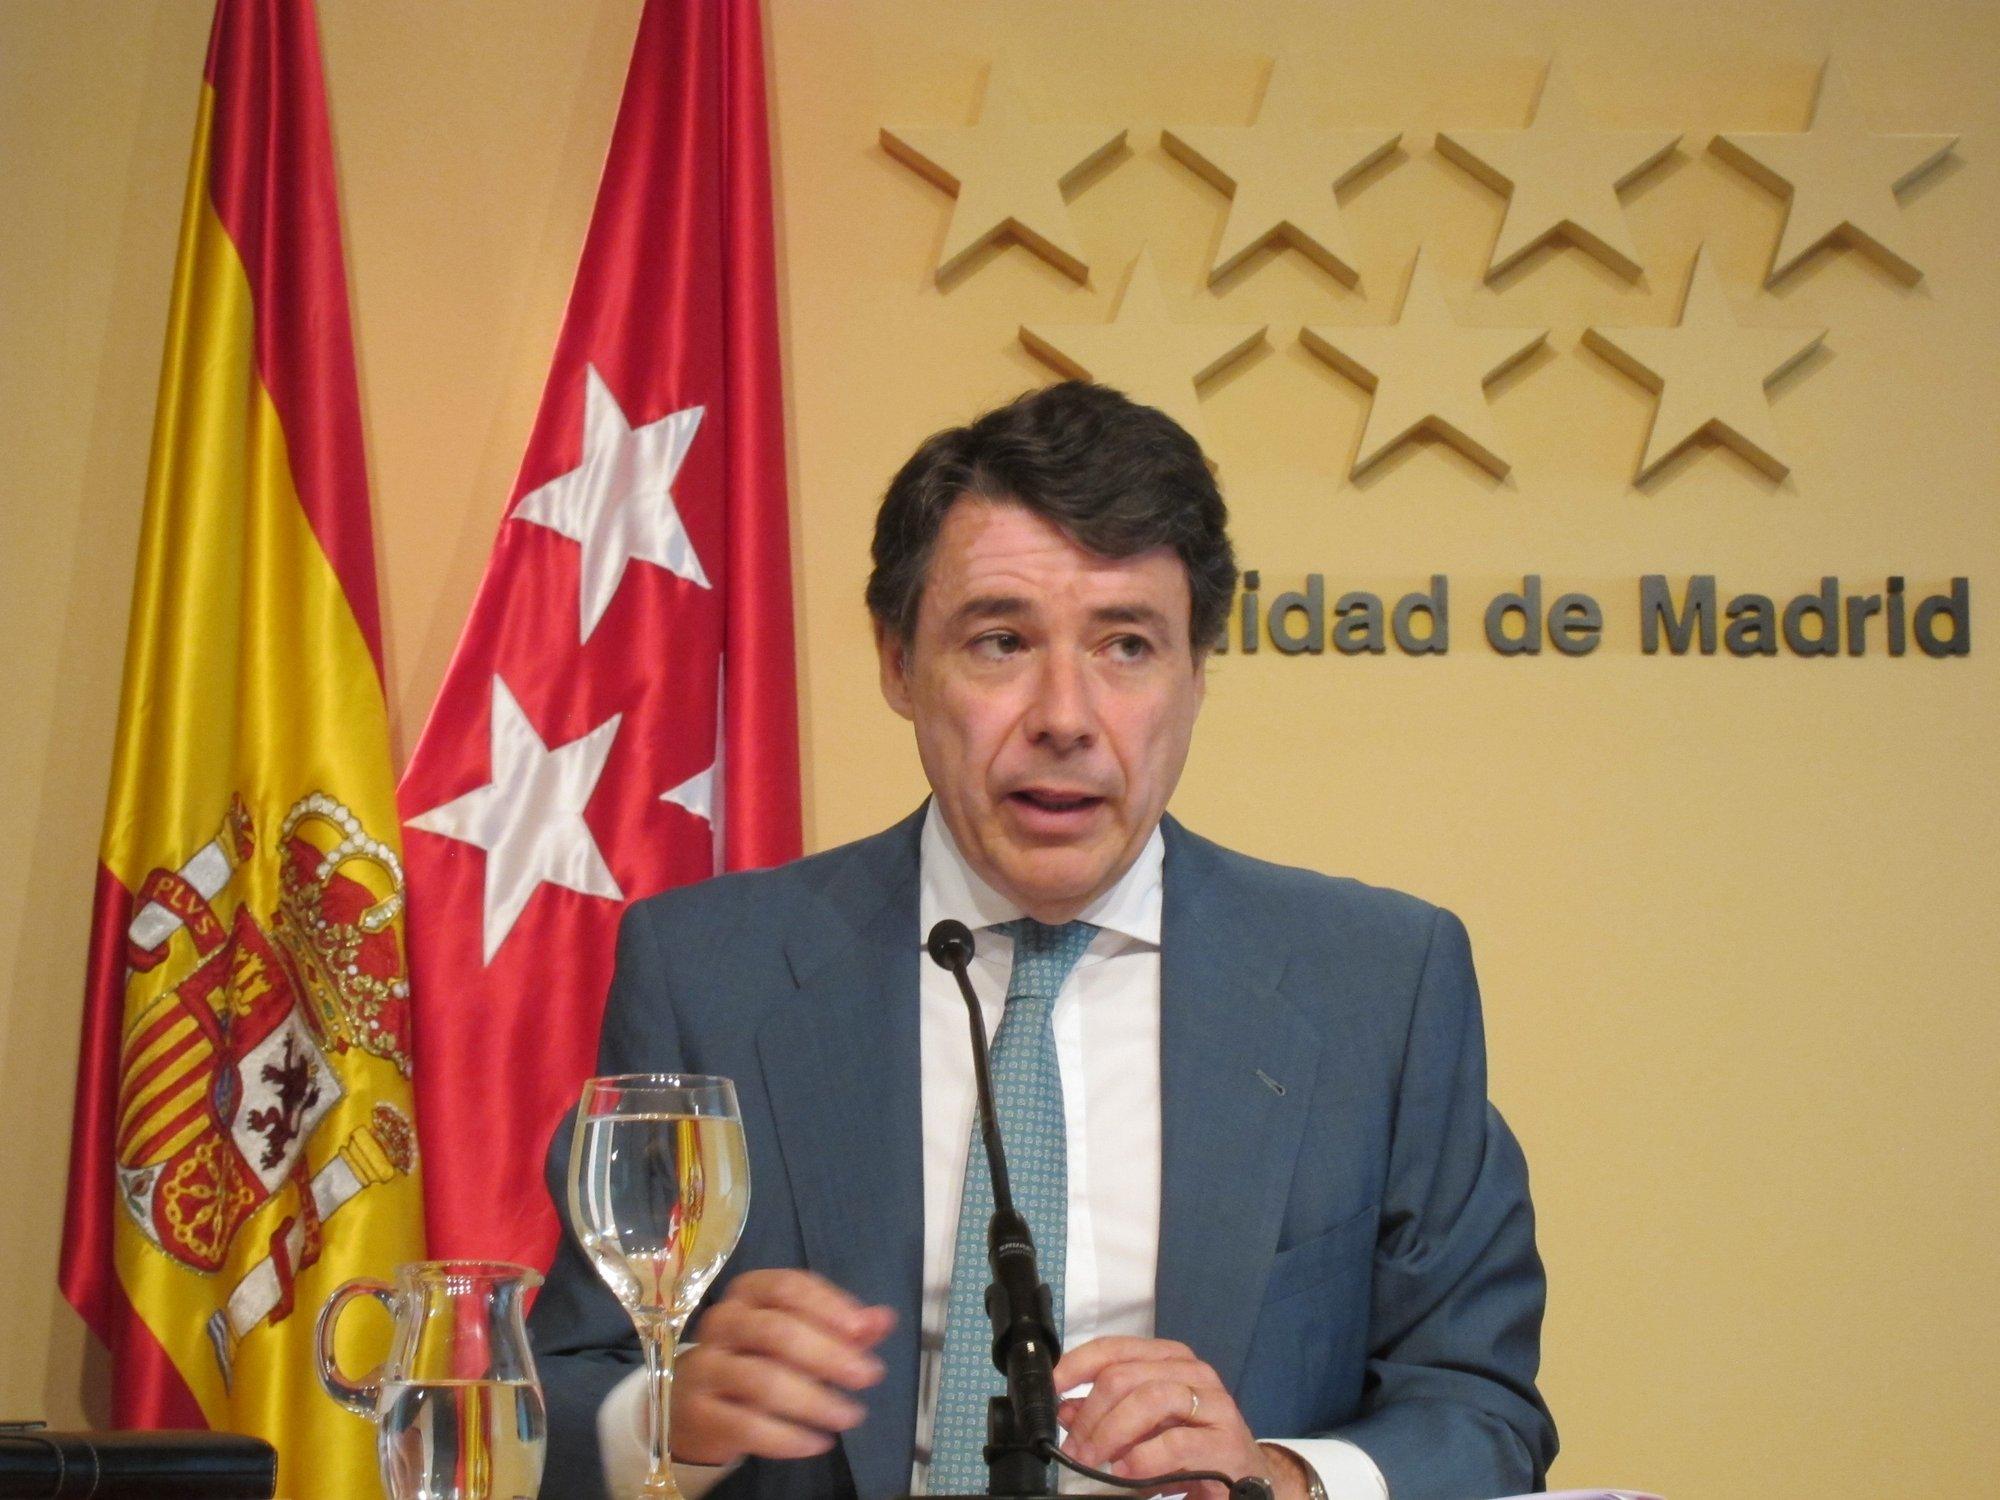 La Comunidad dice que trasladando los festivos a los lunes solo se hace «eco» de lo ya anunciado por Rajoy